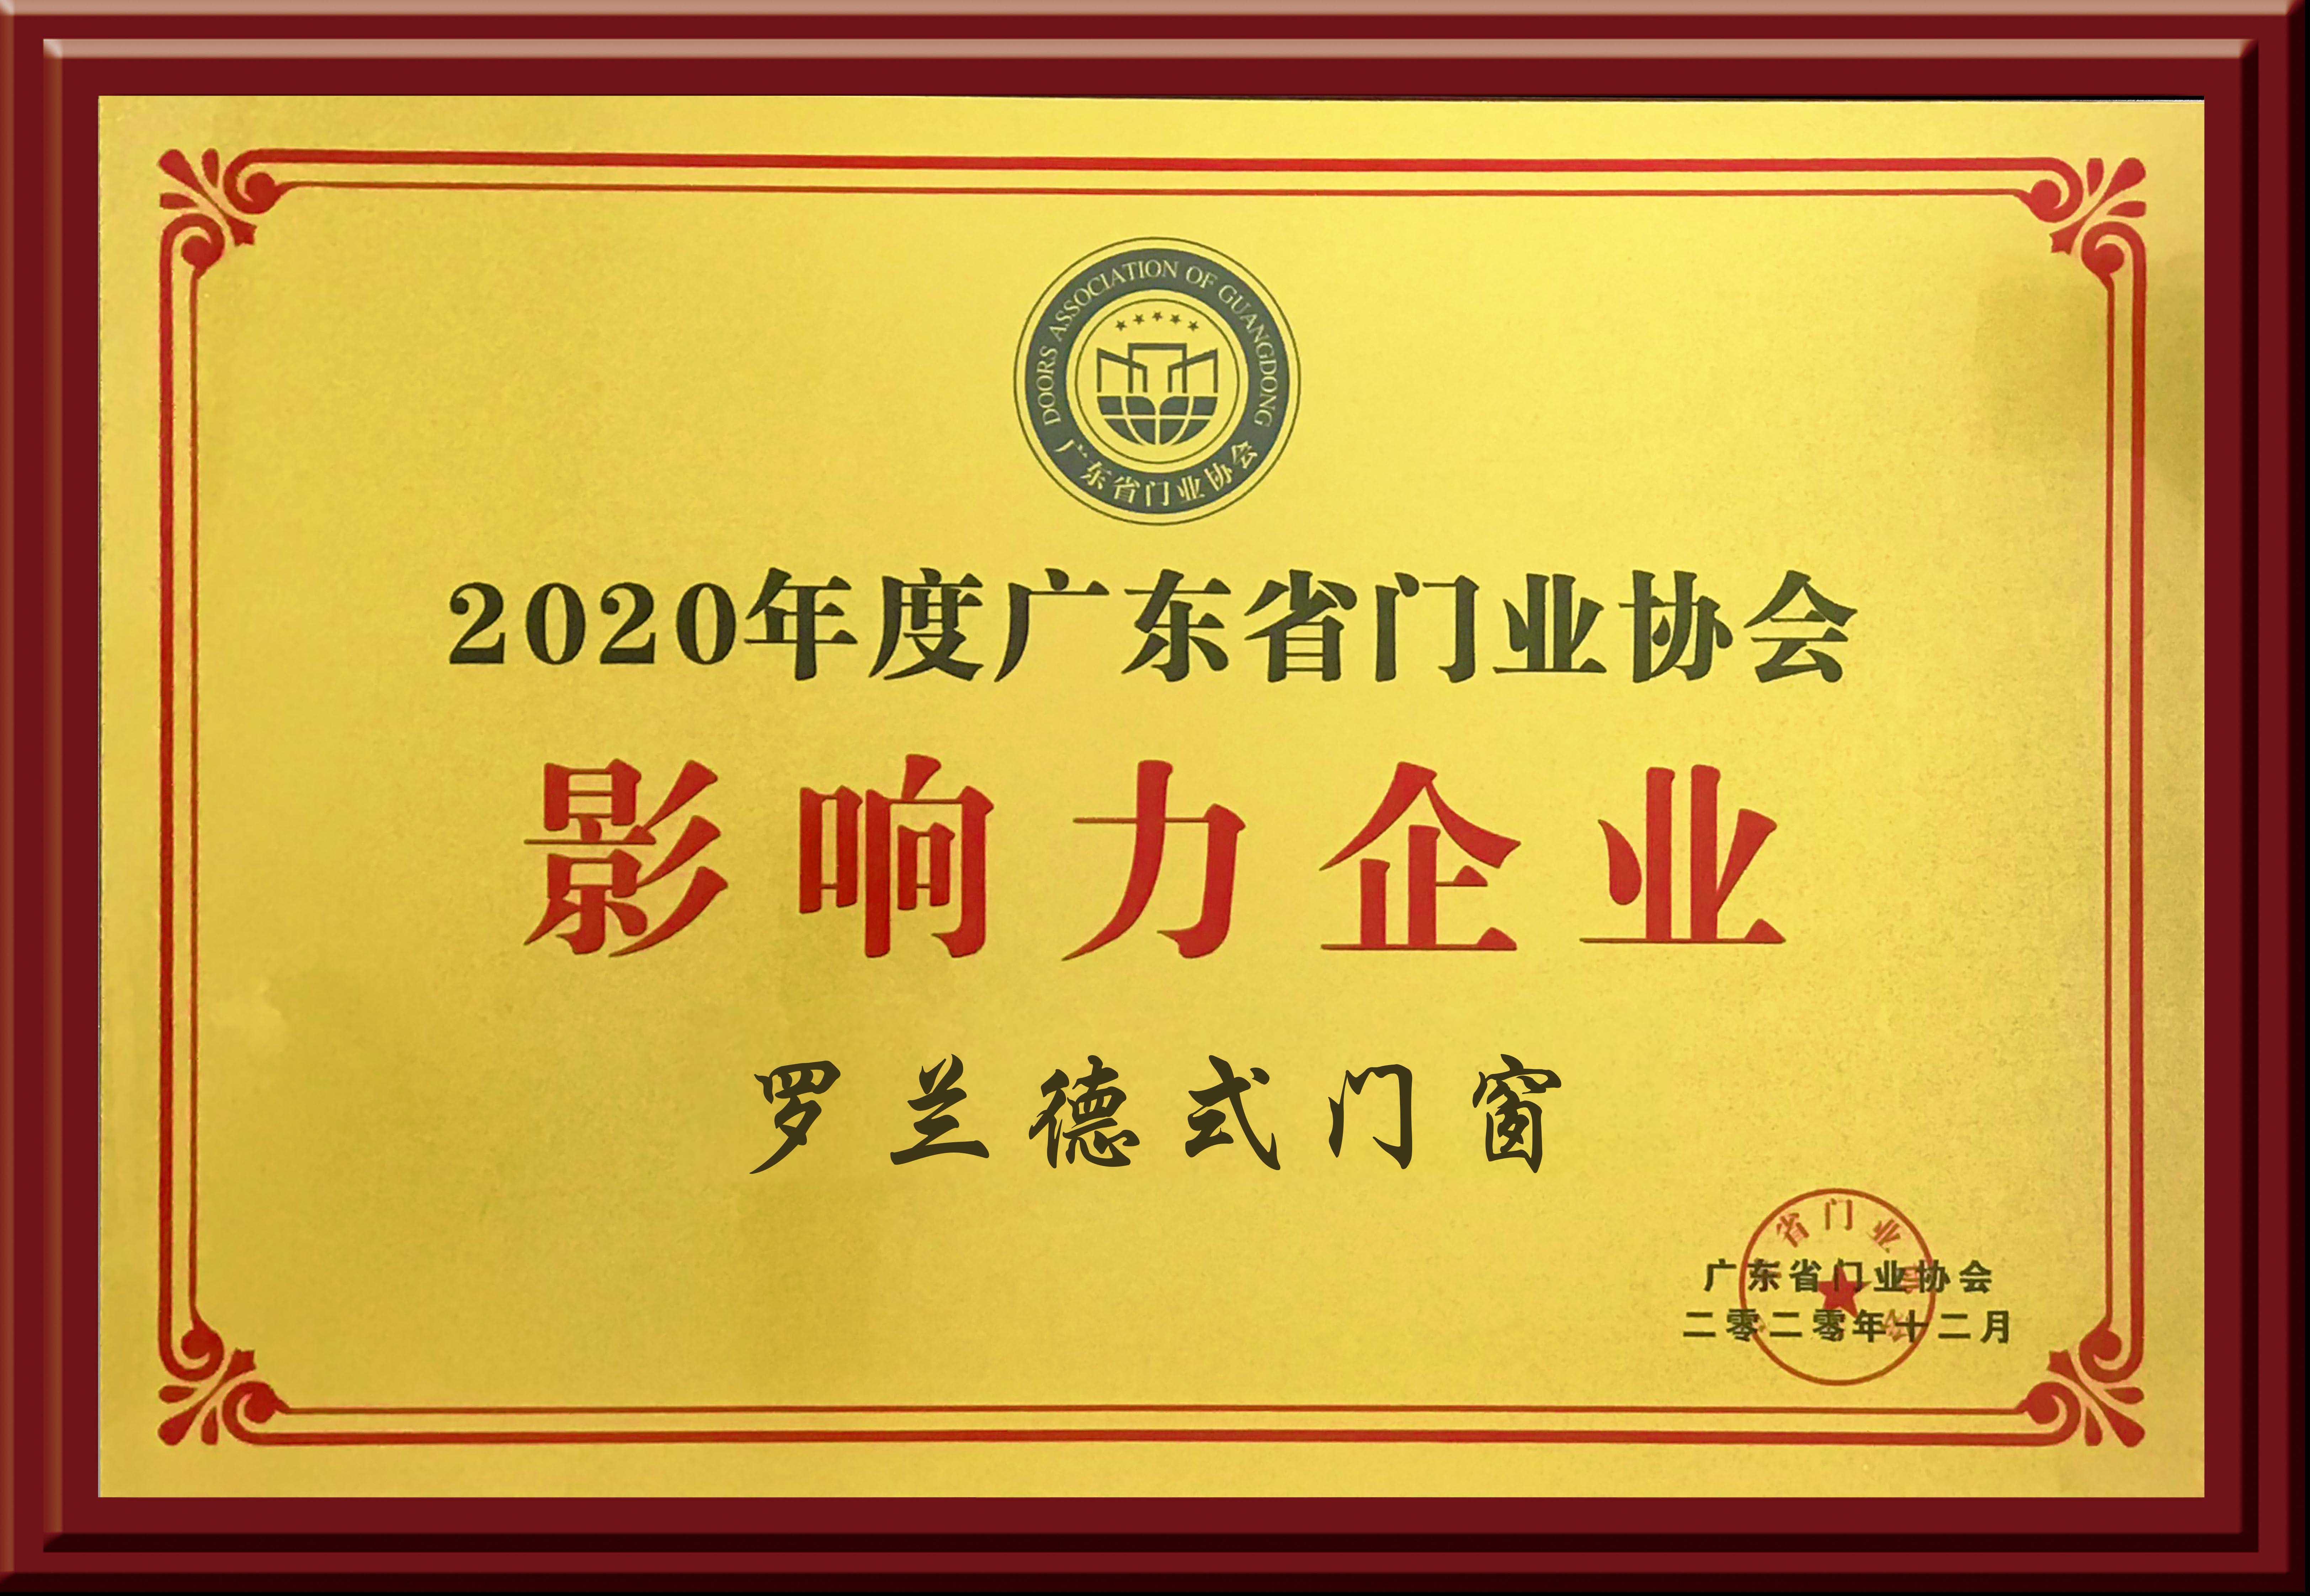 2020年广东省门窗协会影响力企业